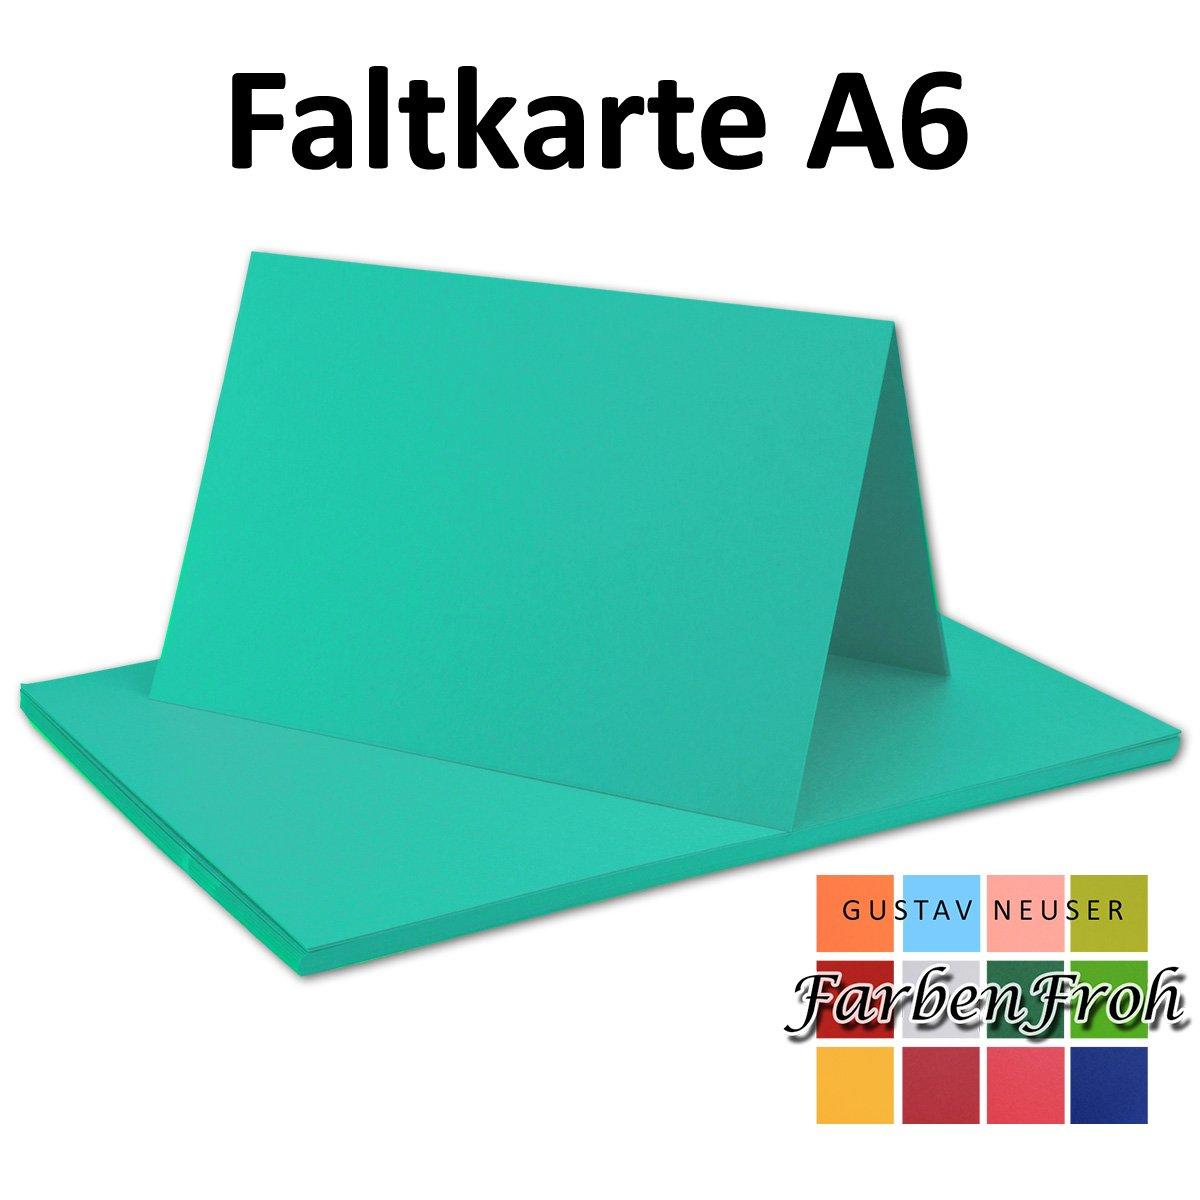 150x Falt-Karten DIN A6 Blanko Doppel-Karten in Vanille -10,5 -10,5 -10,5 x 14,8 cm   Premium Qualität   FarbenFroh® B079VM25PL | Diversified In Packaging  9b0716